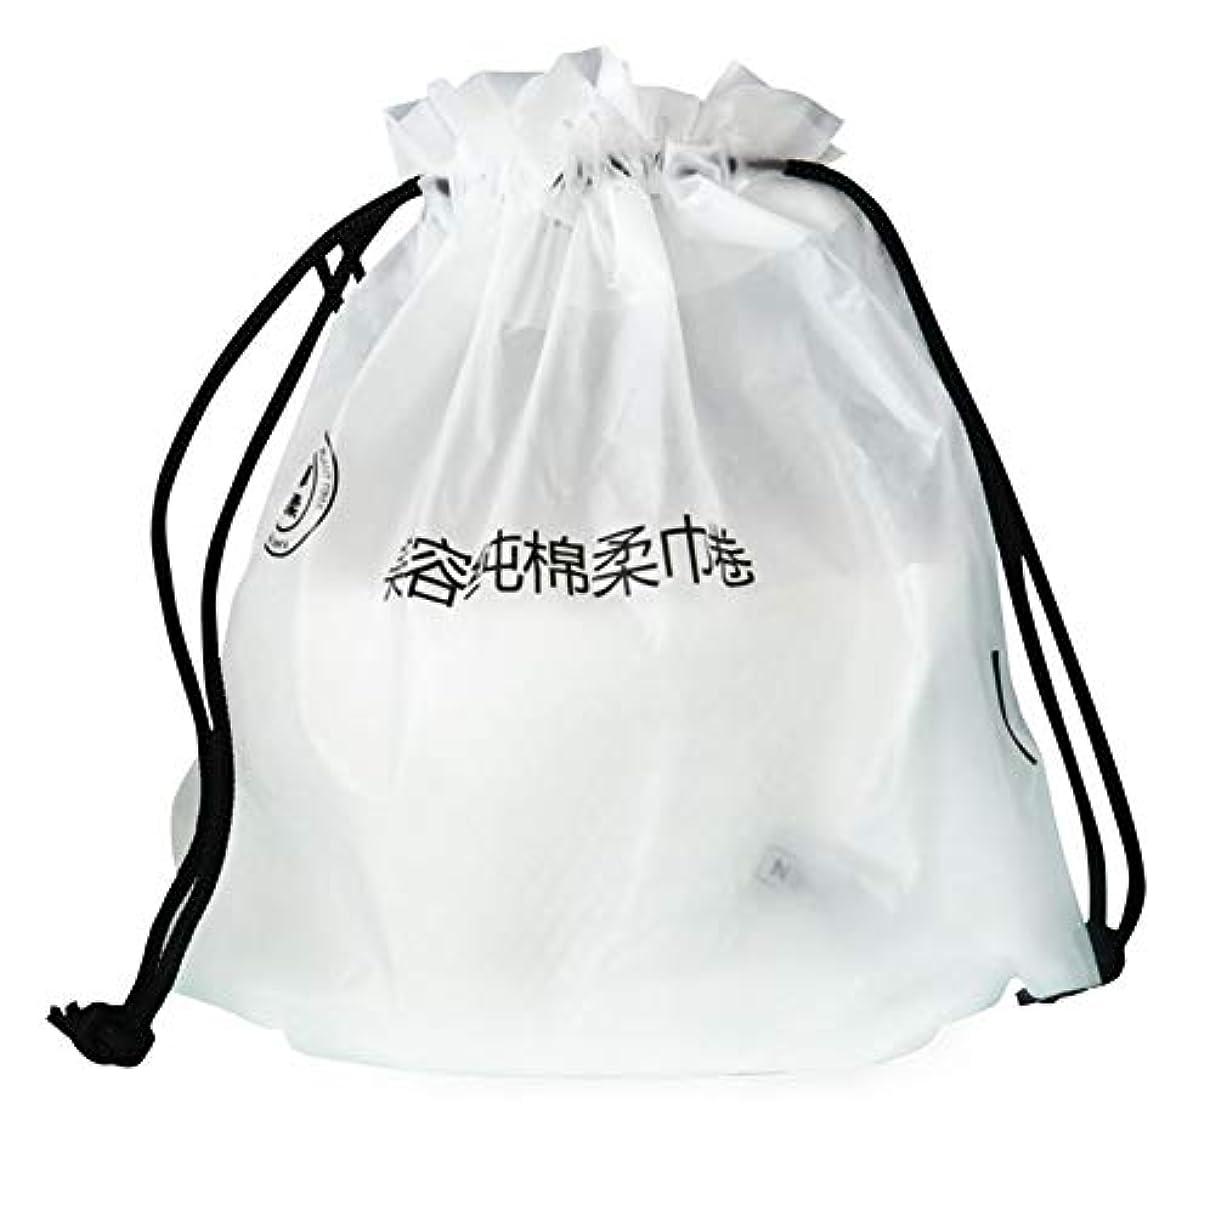 今後マラウイメトリッククレンジングタオル綿肥厚湿式及び乾式美容コットンタオルリムーバーコットンリムーバーコットン使い捨て包装(2パック)